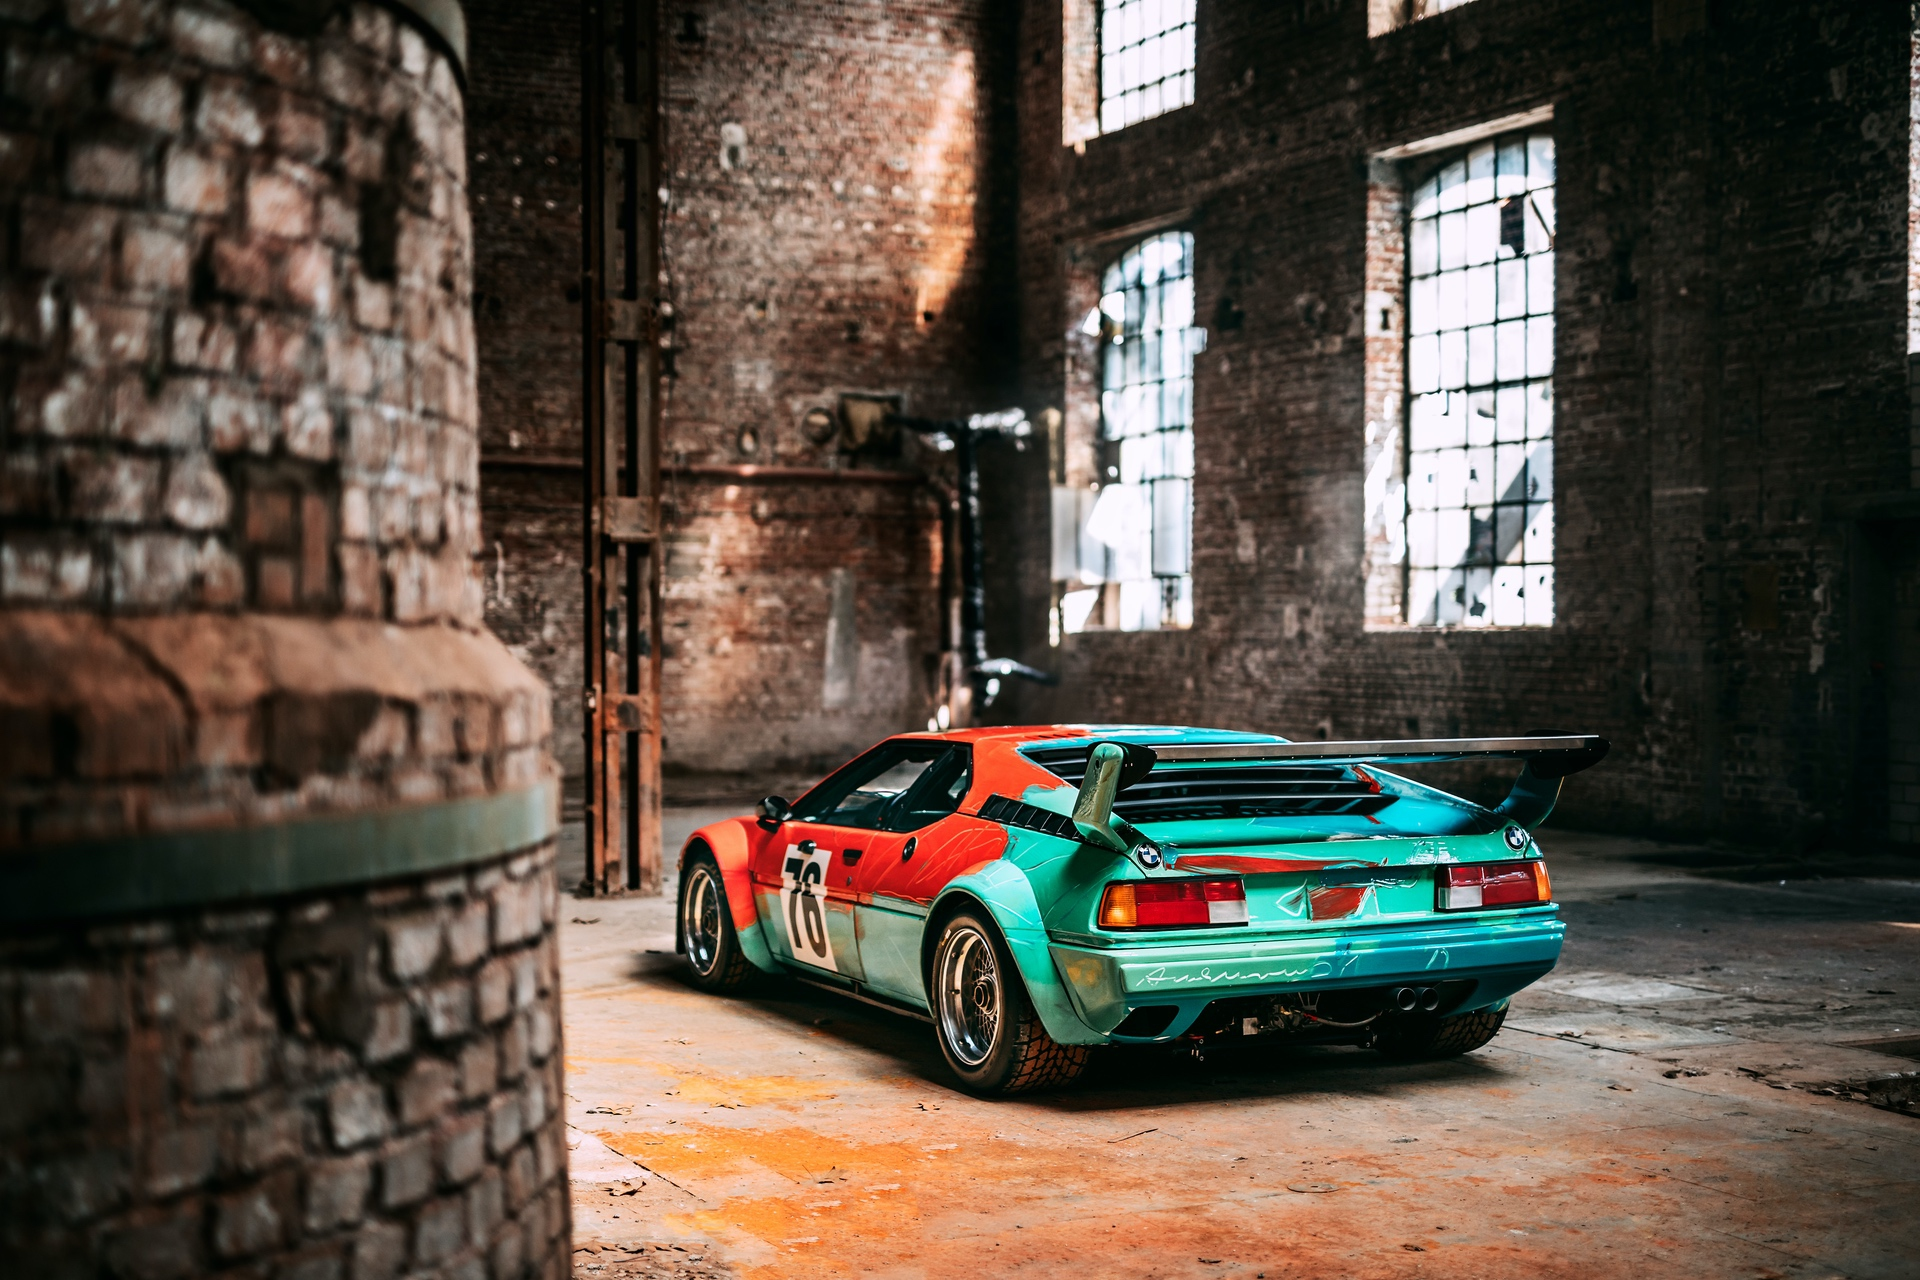 BMW_M1_Art_Car_by_Andy_Warhol_0003